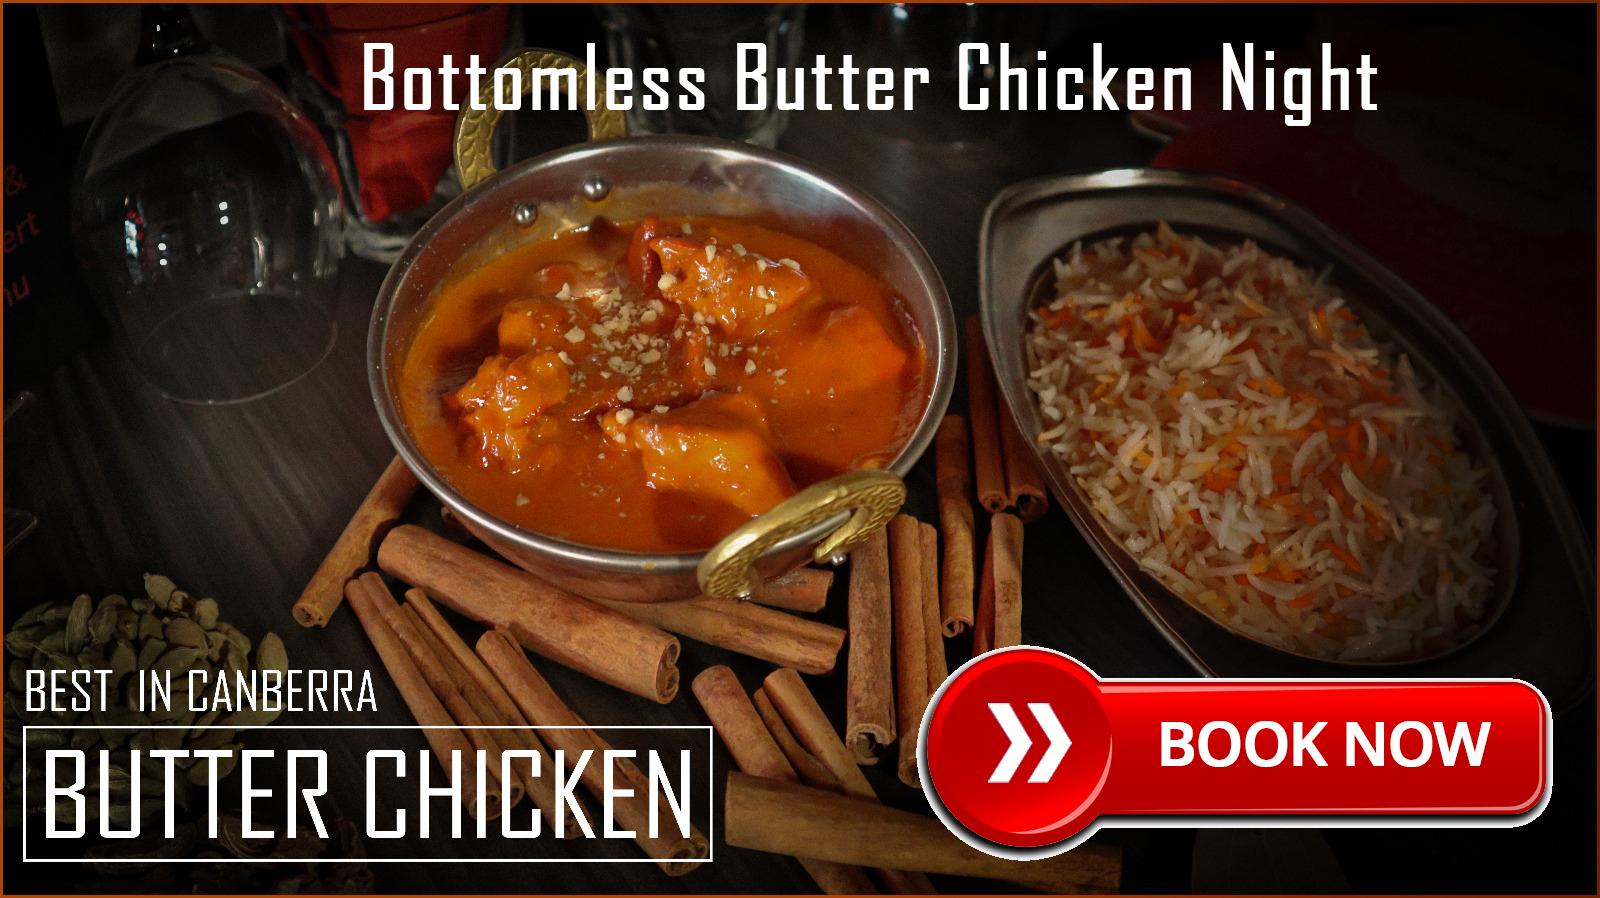 Bottomless Butter Chicken